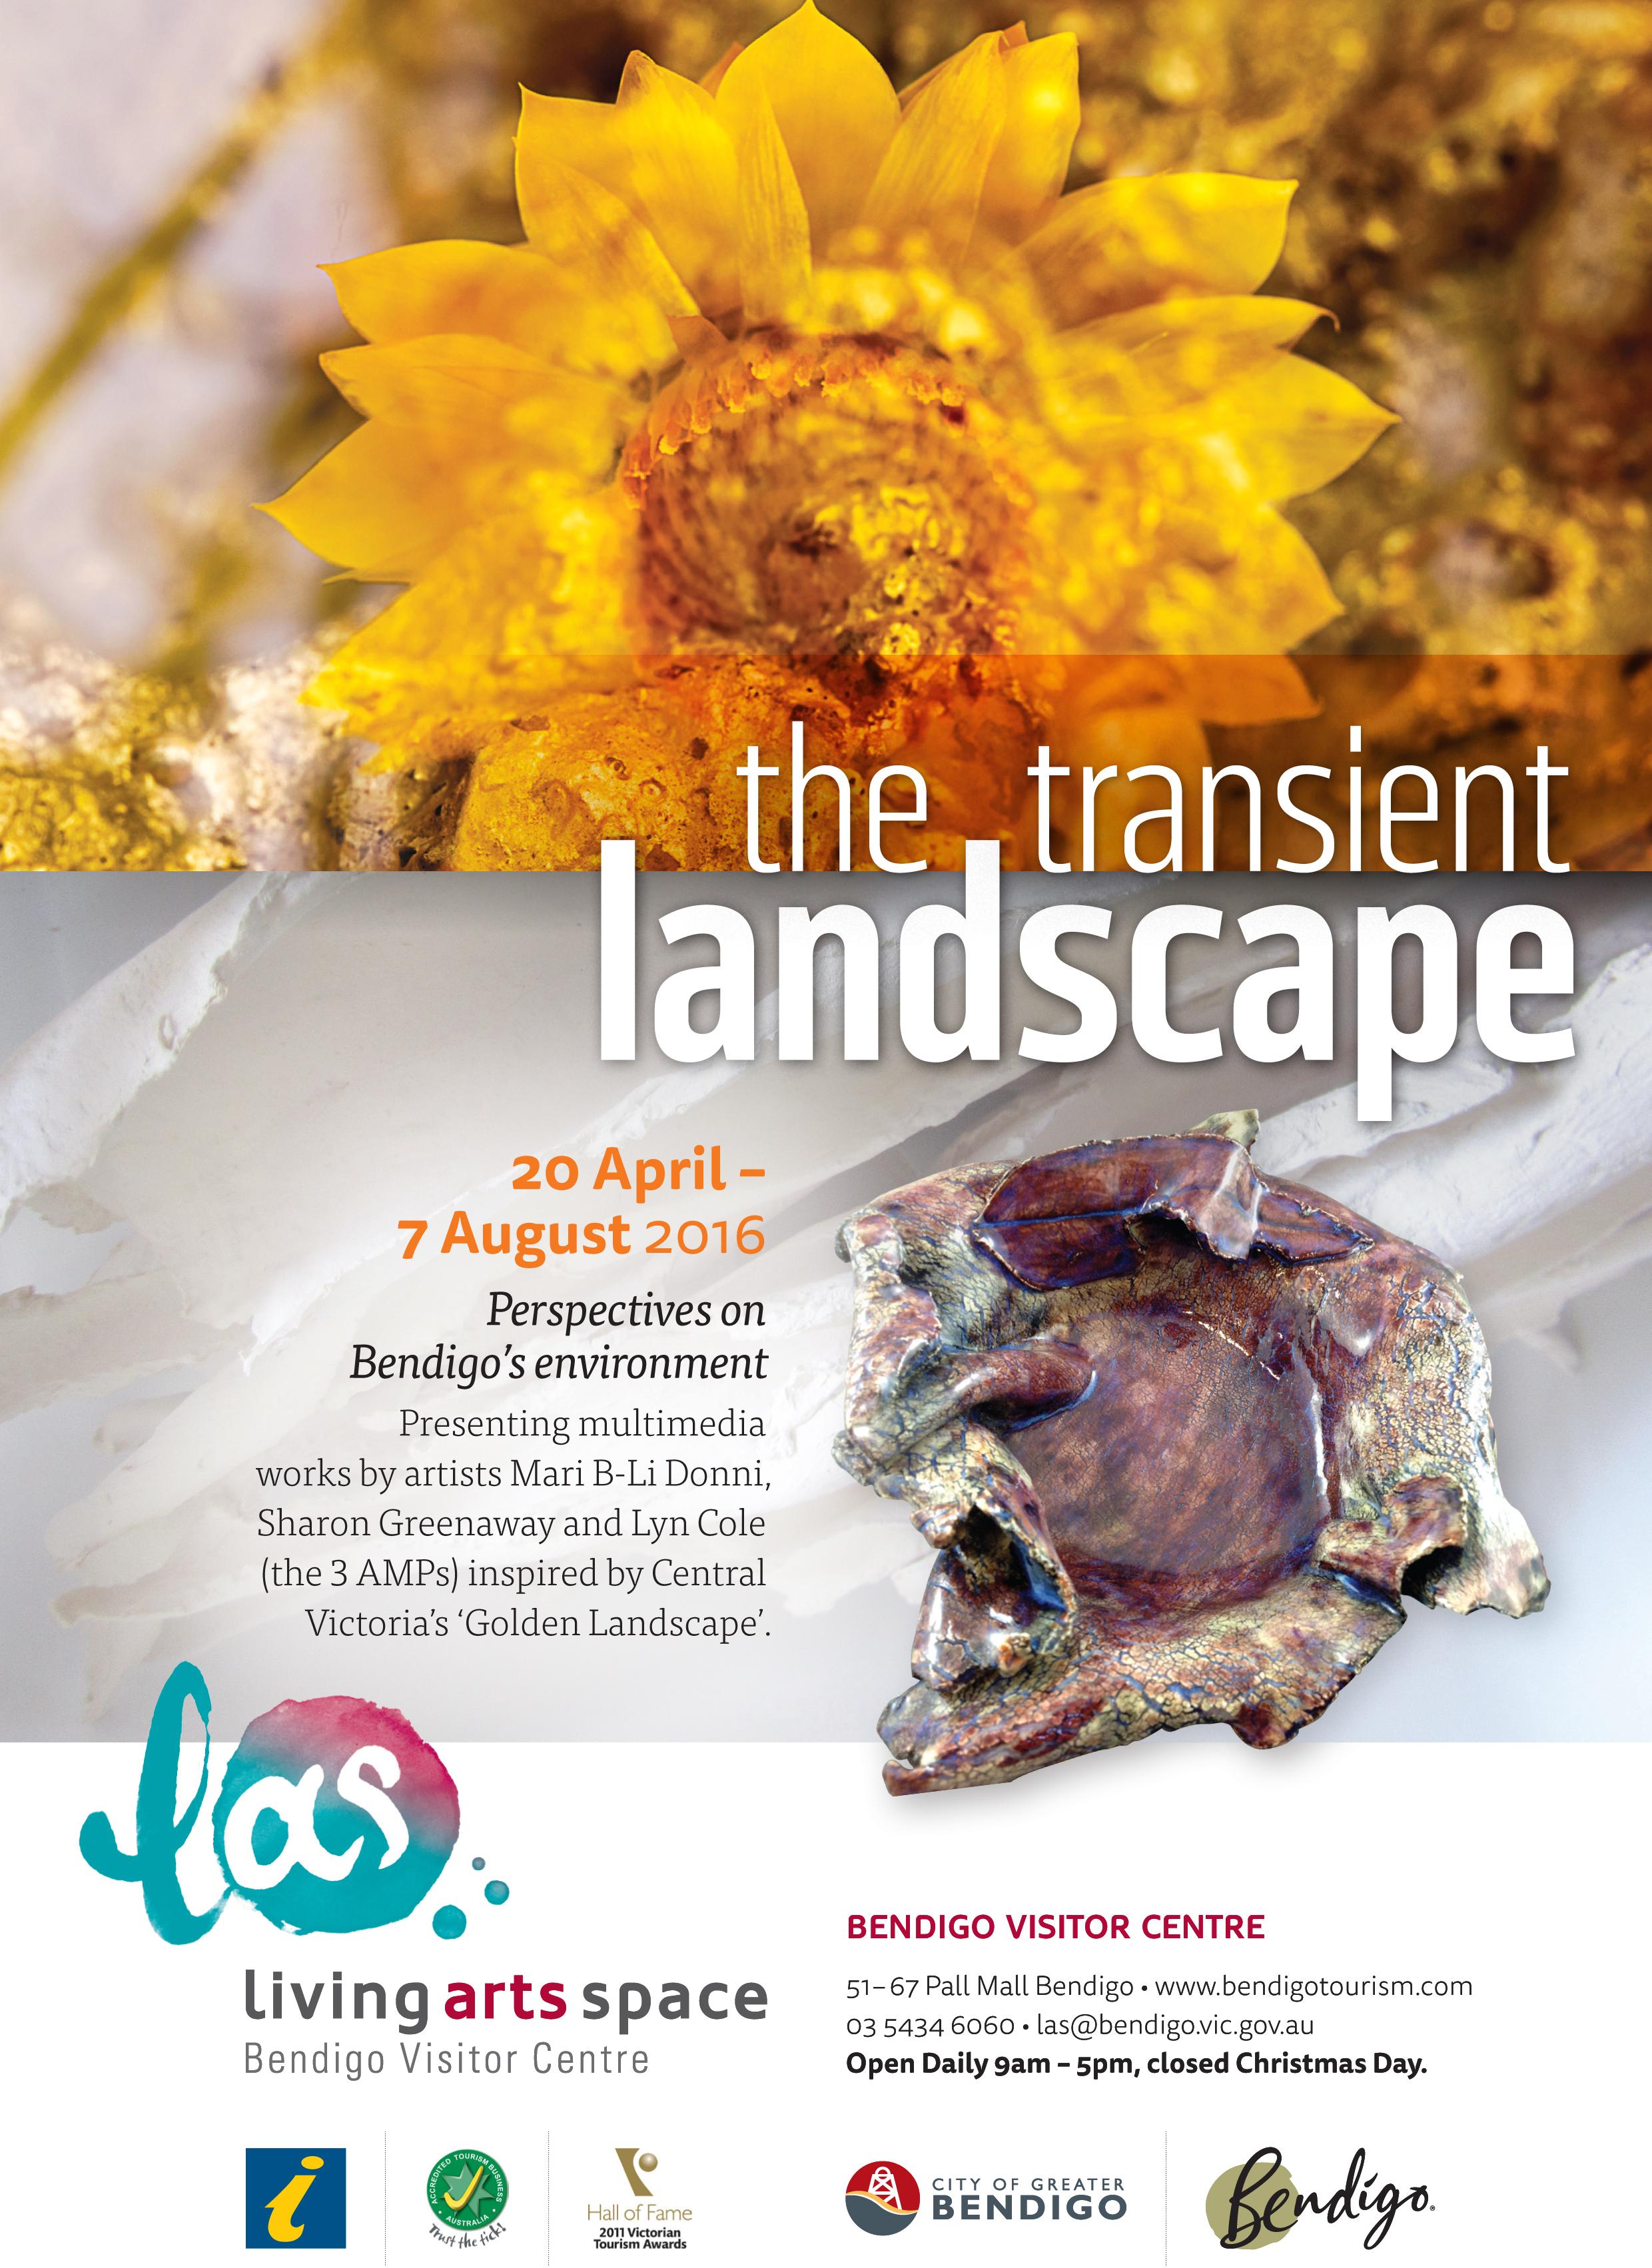 212578 CofGB LAS The Transient Landscape A4 Flyer FA